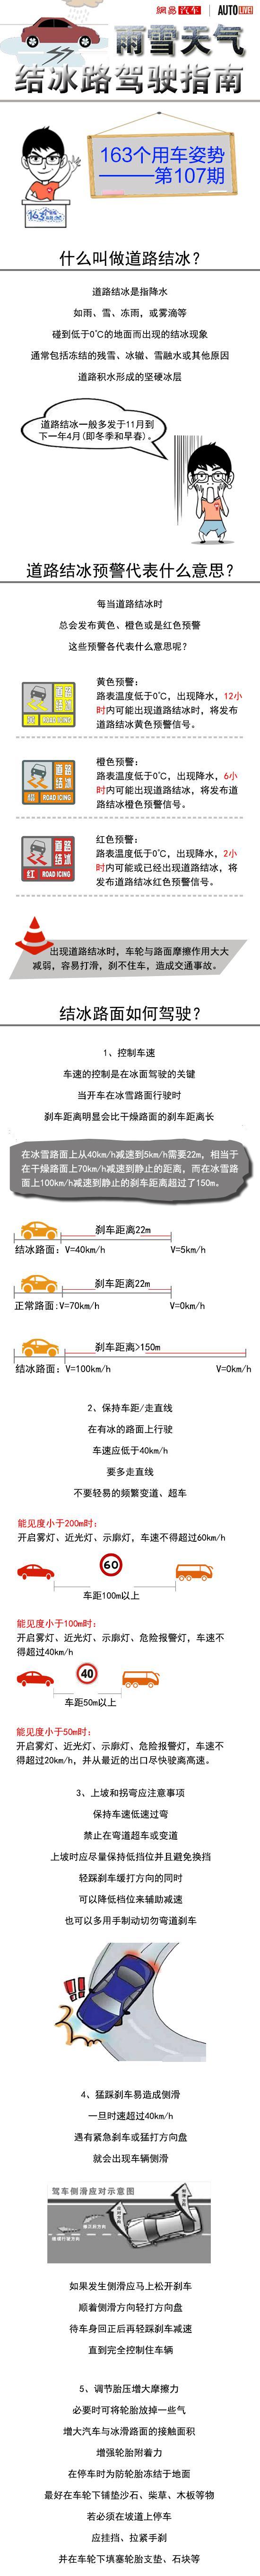 洒水车低温作业致结冰引事故 道路结冰驾驶需谨慎